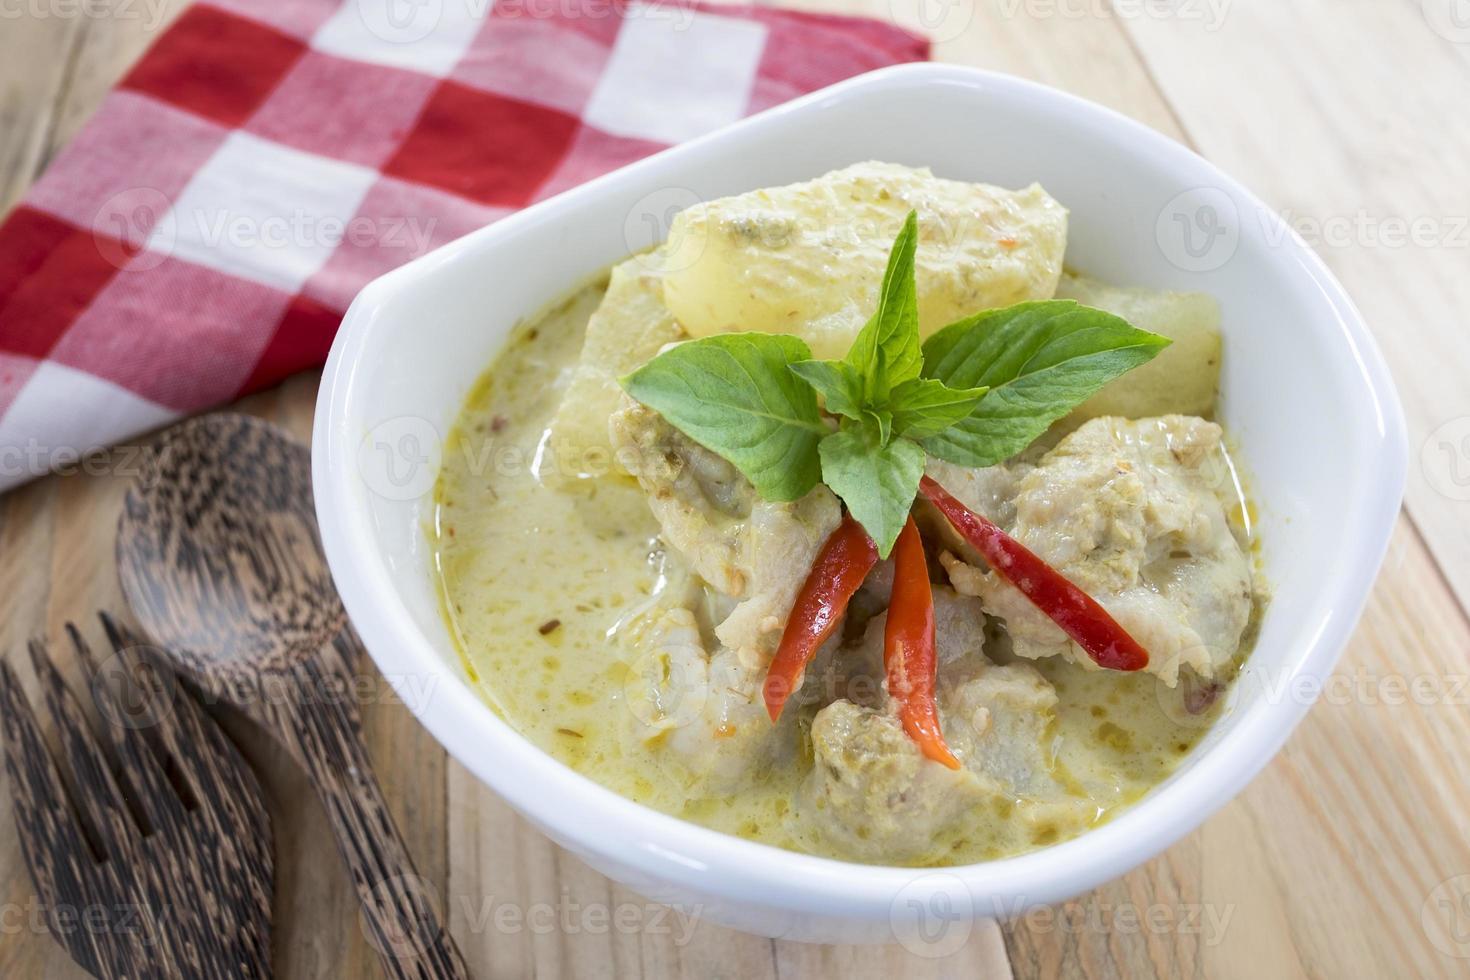 cocina tailandesa, bolas de pescado al curry verde con fideos de arroz. foto